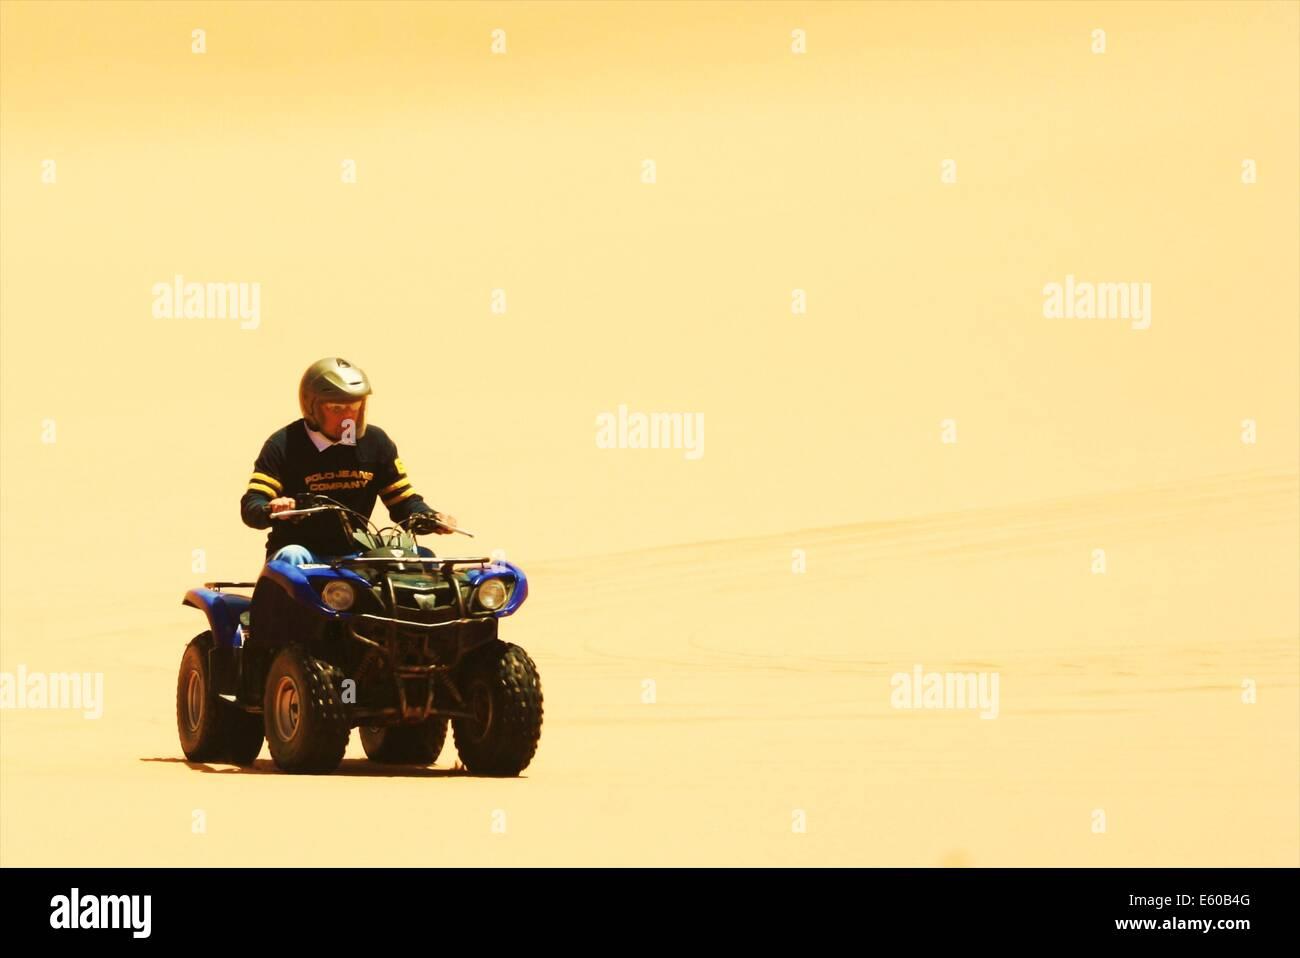 ATV Quad biking through the sand dunes of the Namib desert, near Swakopmund, Namibia - Stock Image